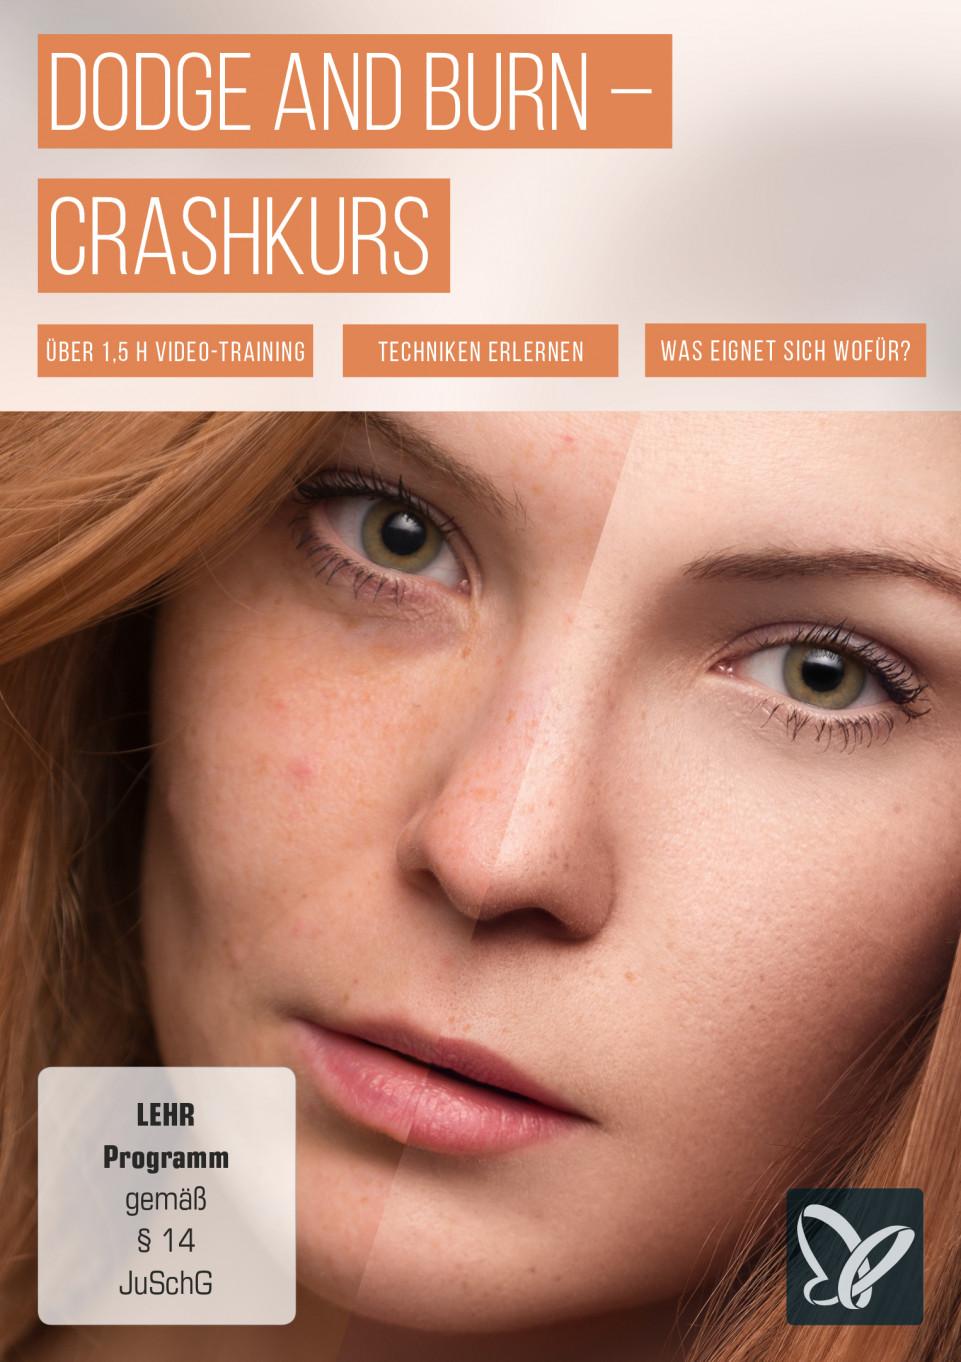 Retuschieren mit Dodge and Burn – Crashkurs